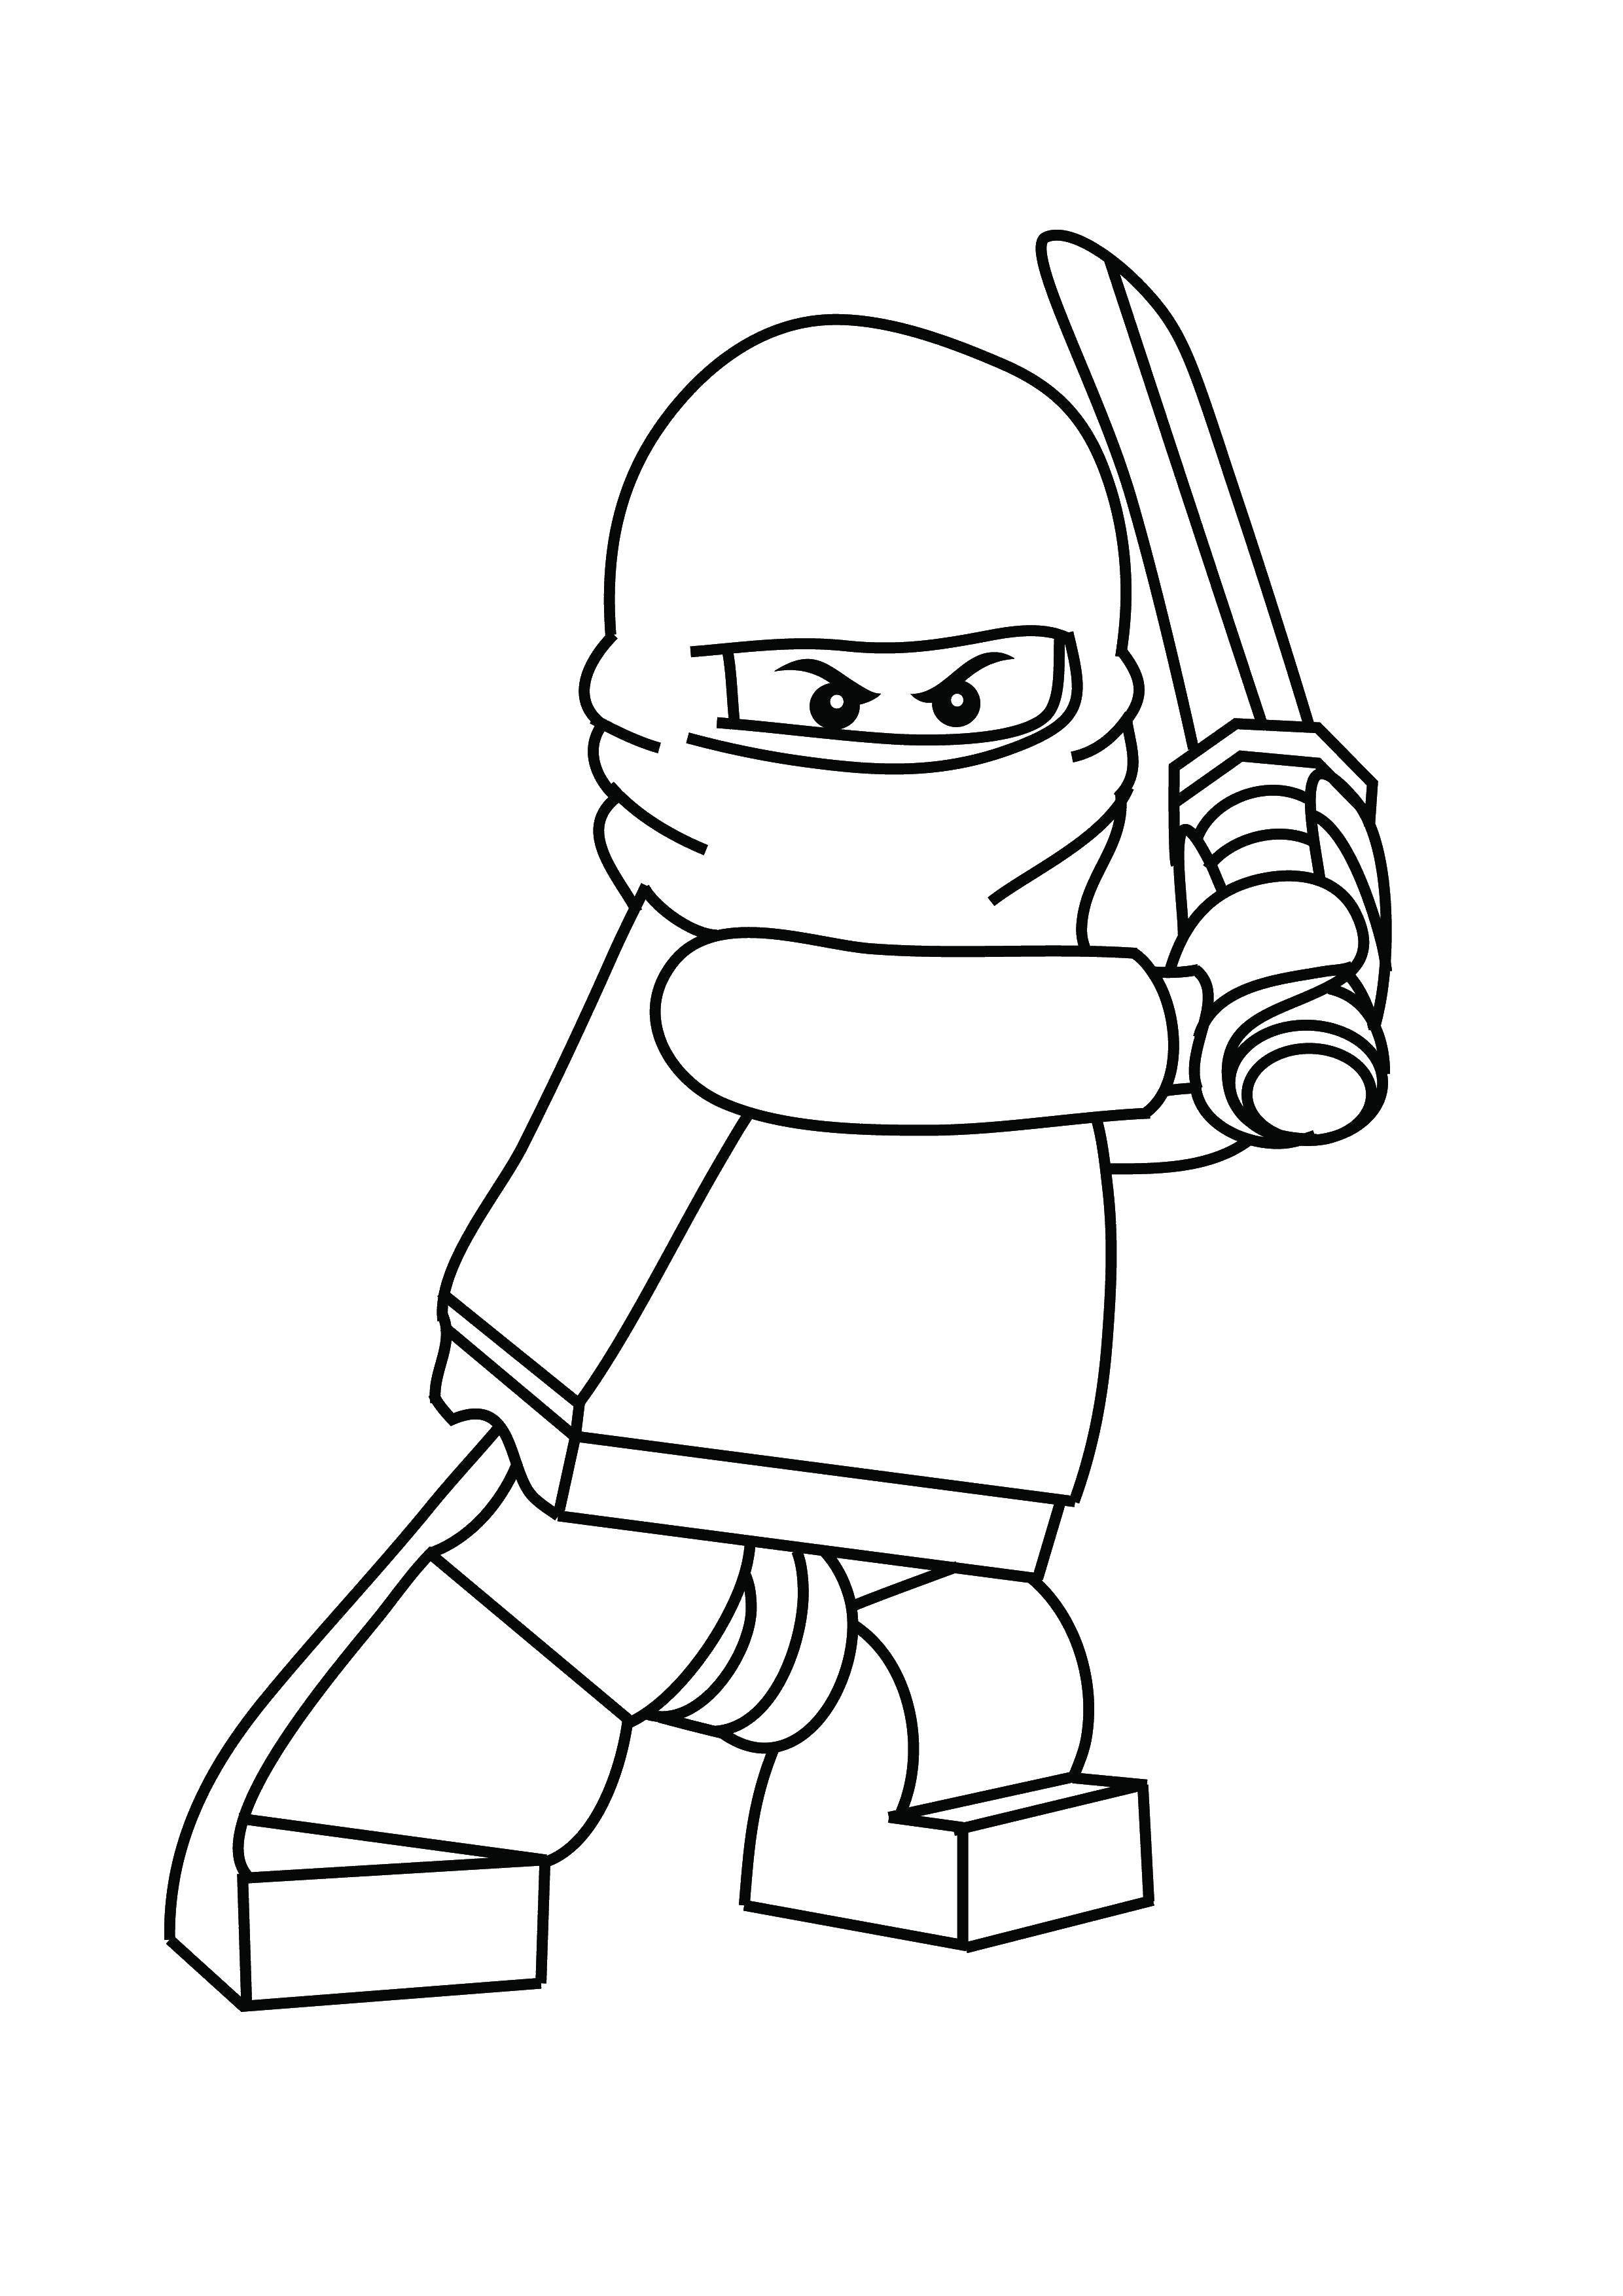 Раскраска Ниндзя с мечом Скачать меч, ниндзя, лего.  Распечатать ,ниндзя,